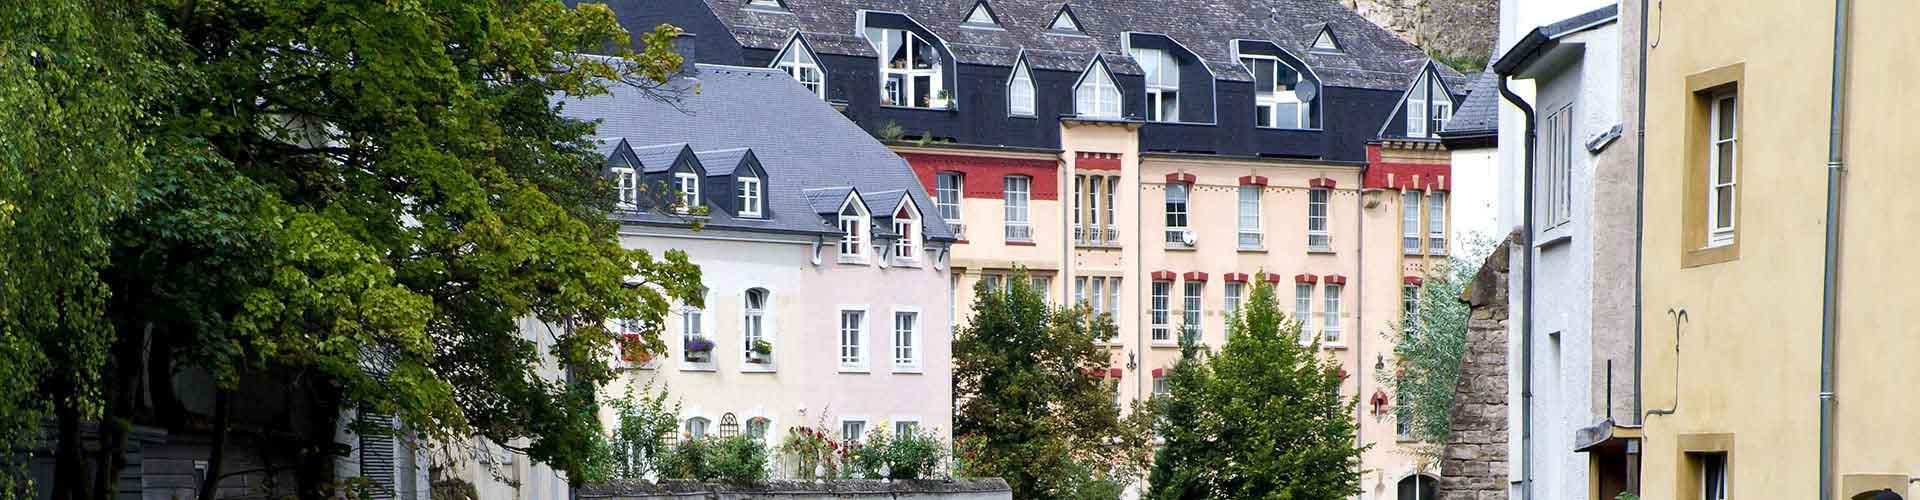 Brüssel - Jugendherbergen in Unteres Viertel. Karten für Brüssel. Fotos und Bewertungen für jede Jugendherberge in Brüssel.